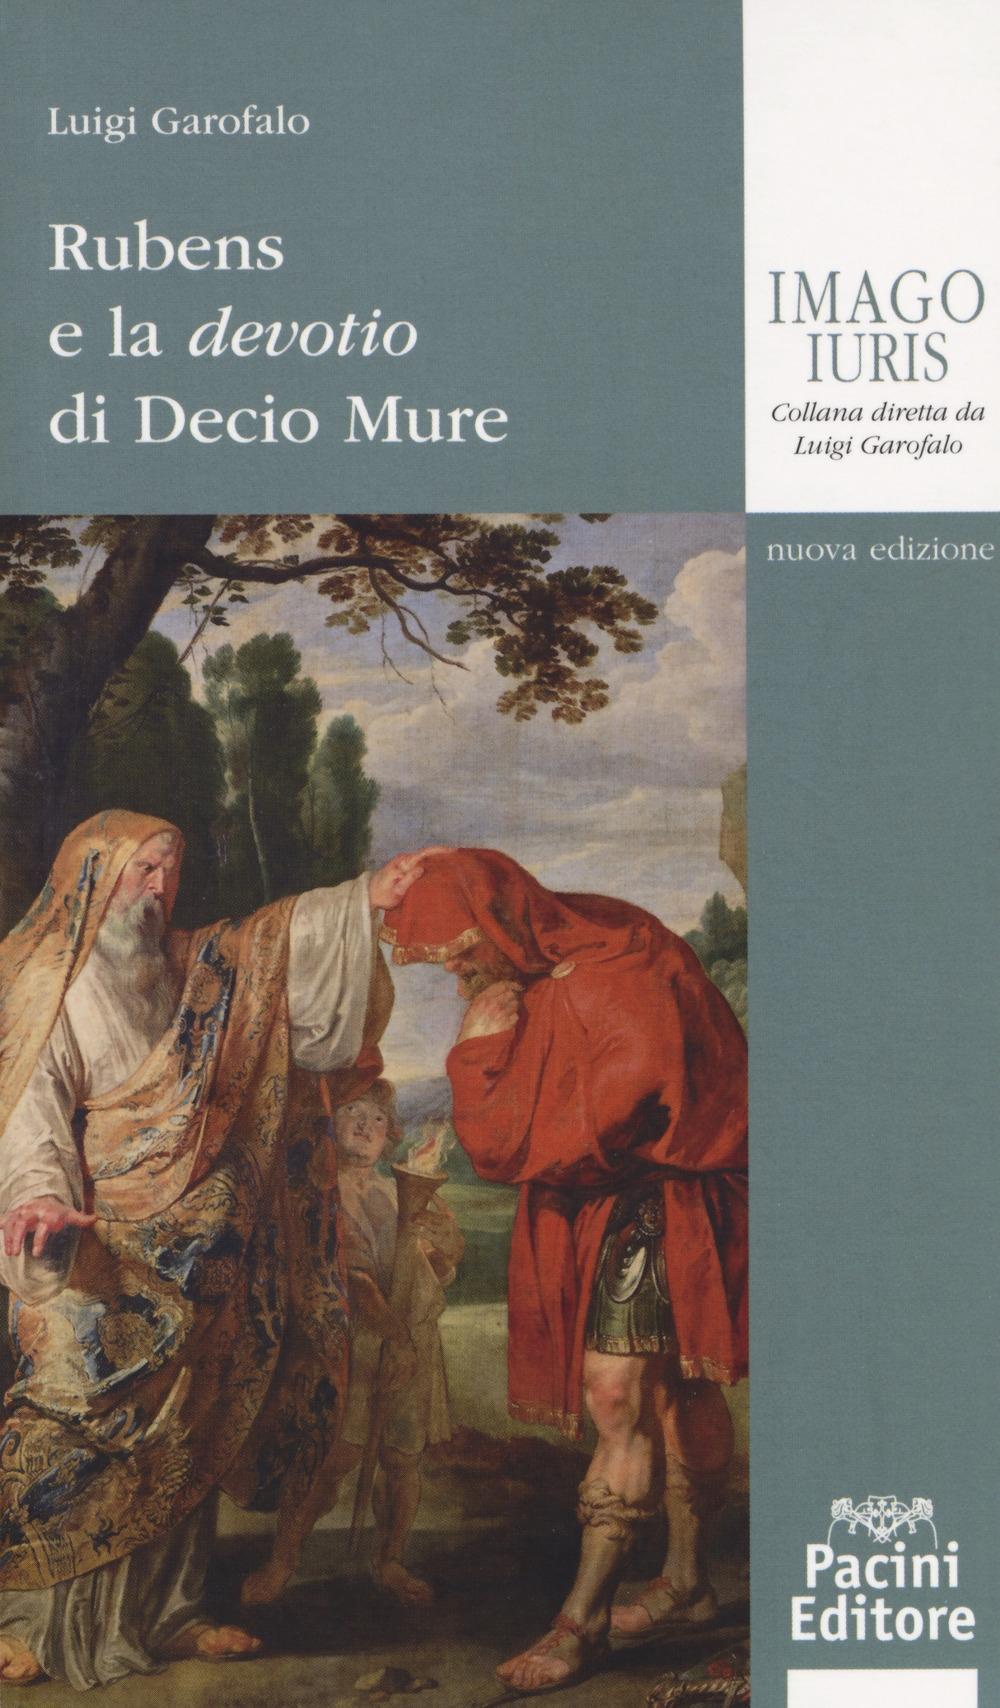 Rubens e la devotio di Decio Mure - [Pacini Editore]